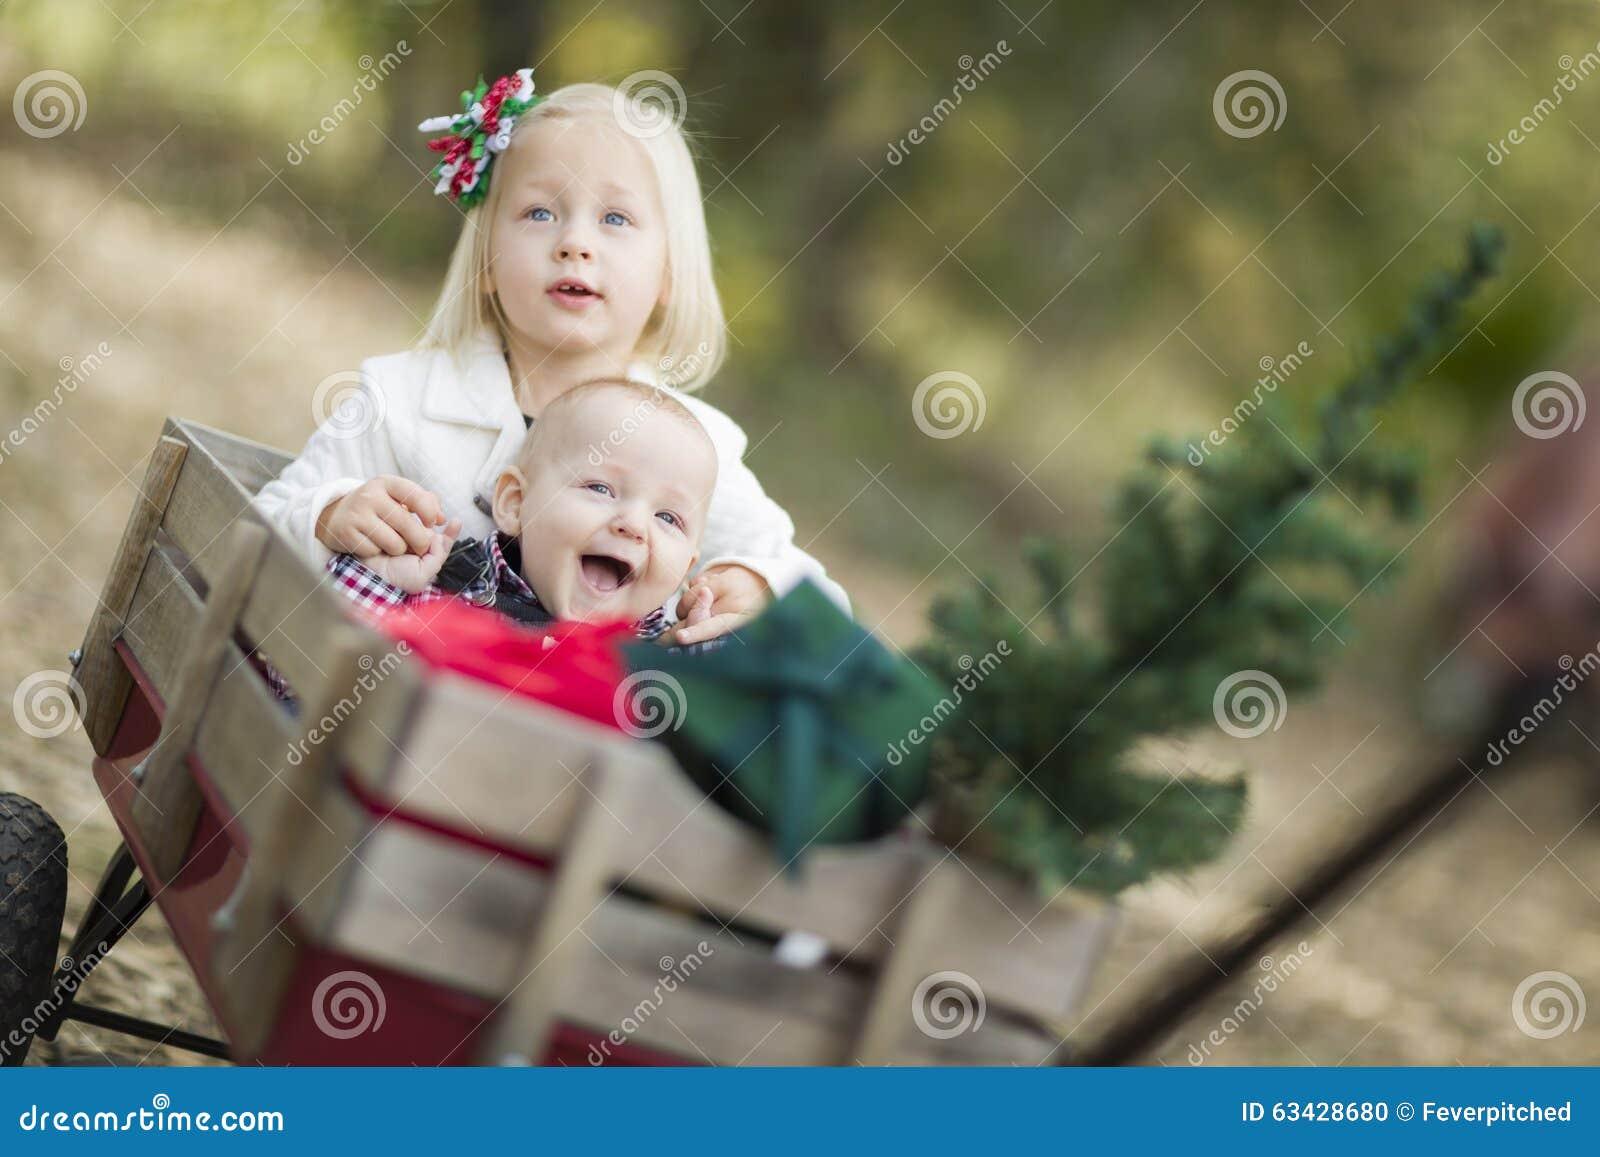 Baby-Bruder und Schwester Being Pulled im Lastwagen mit Weihnachtsbaum und  Geschenken draußen